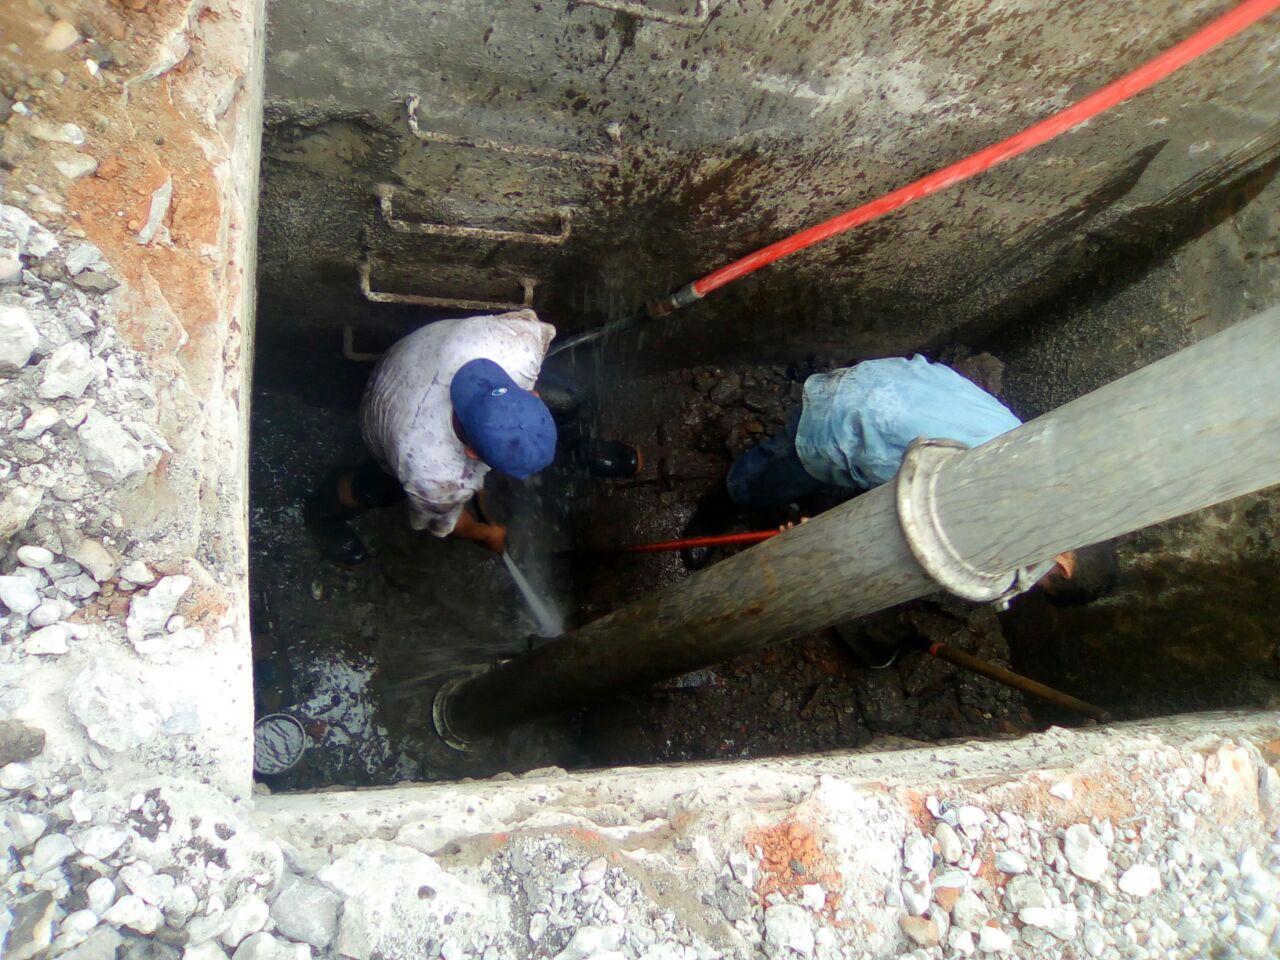 JAPAC-NOTICIAS-personal-de-japac-labora-en-la-reparacion-de-valvula-para-restablecer-el-servicio-de-agua-03